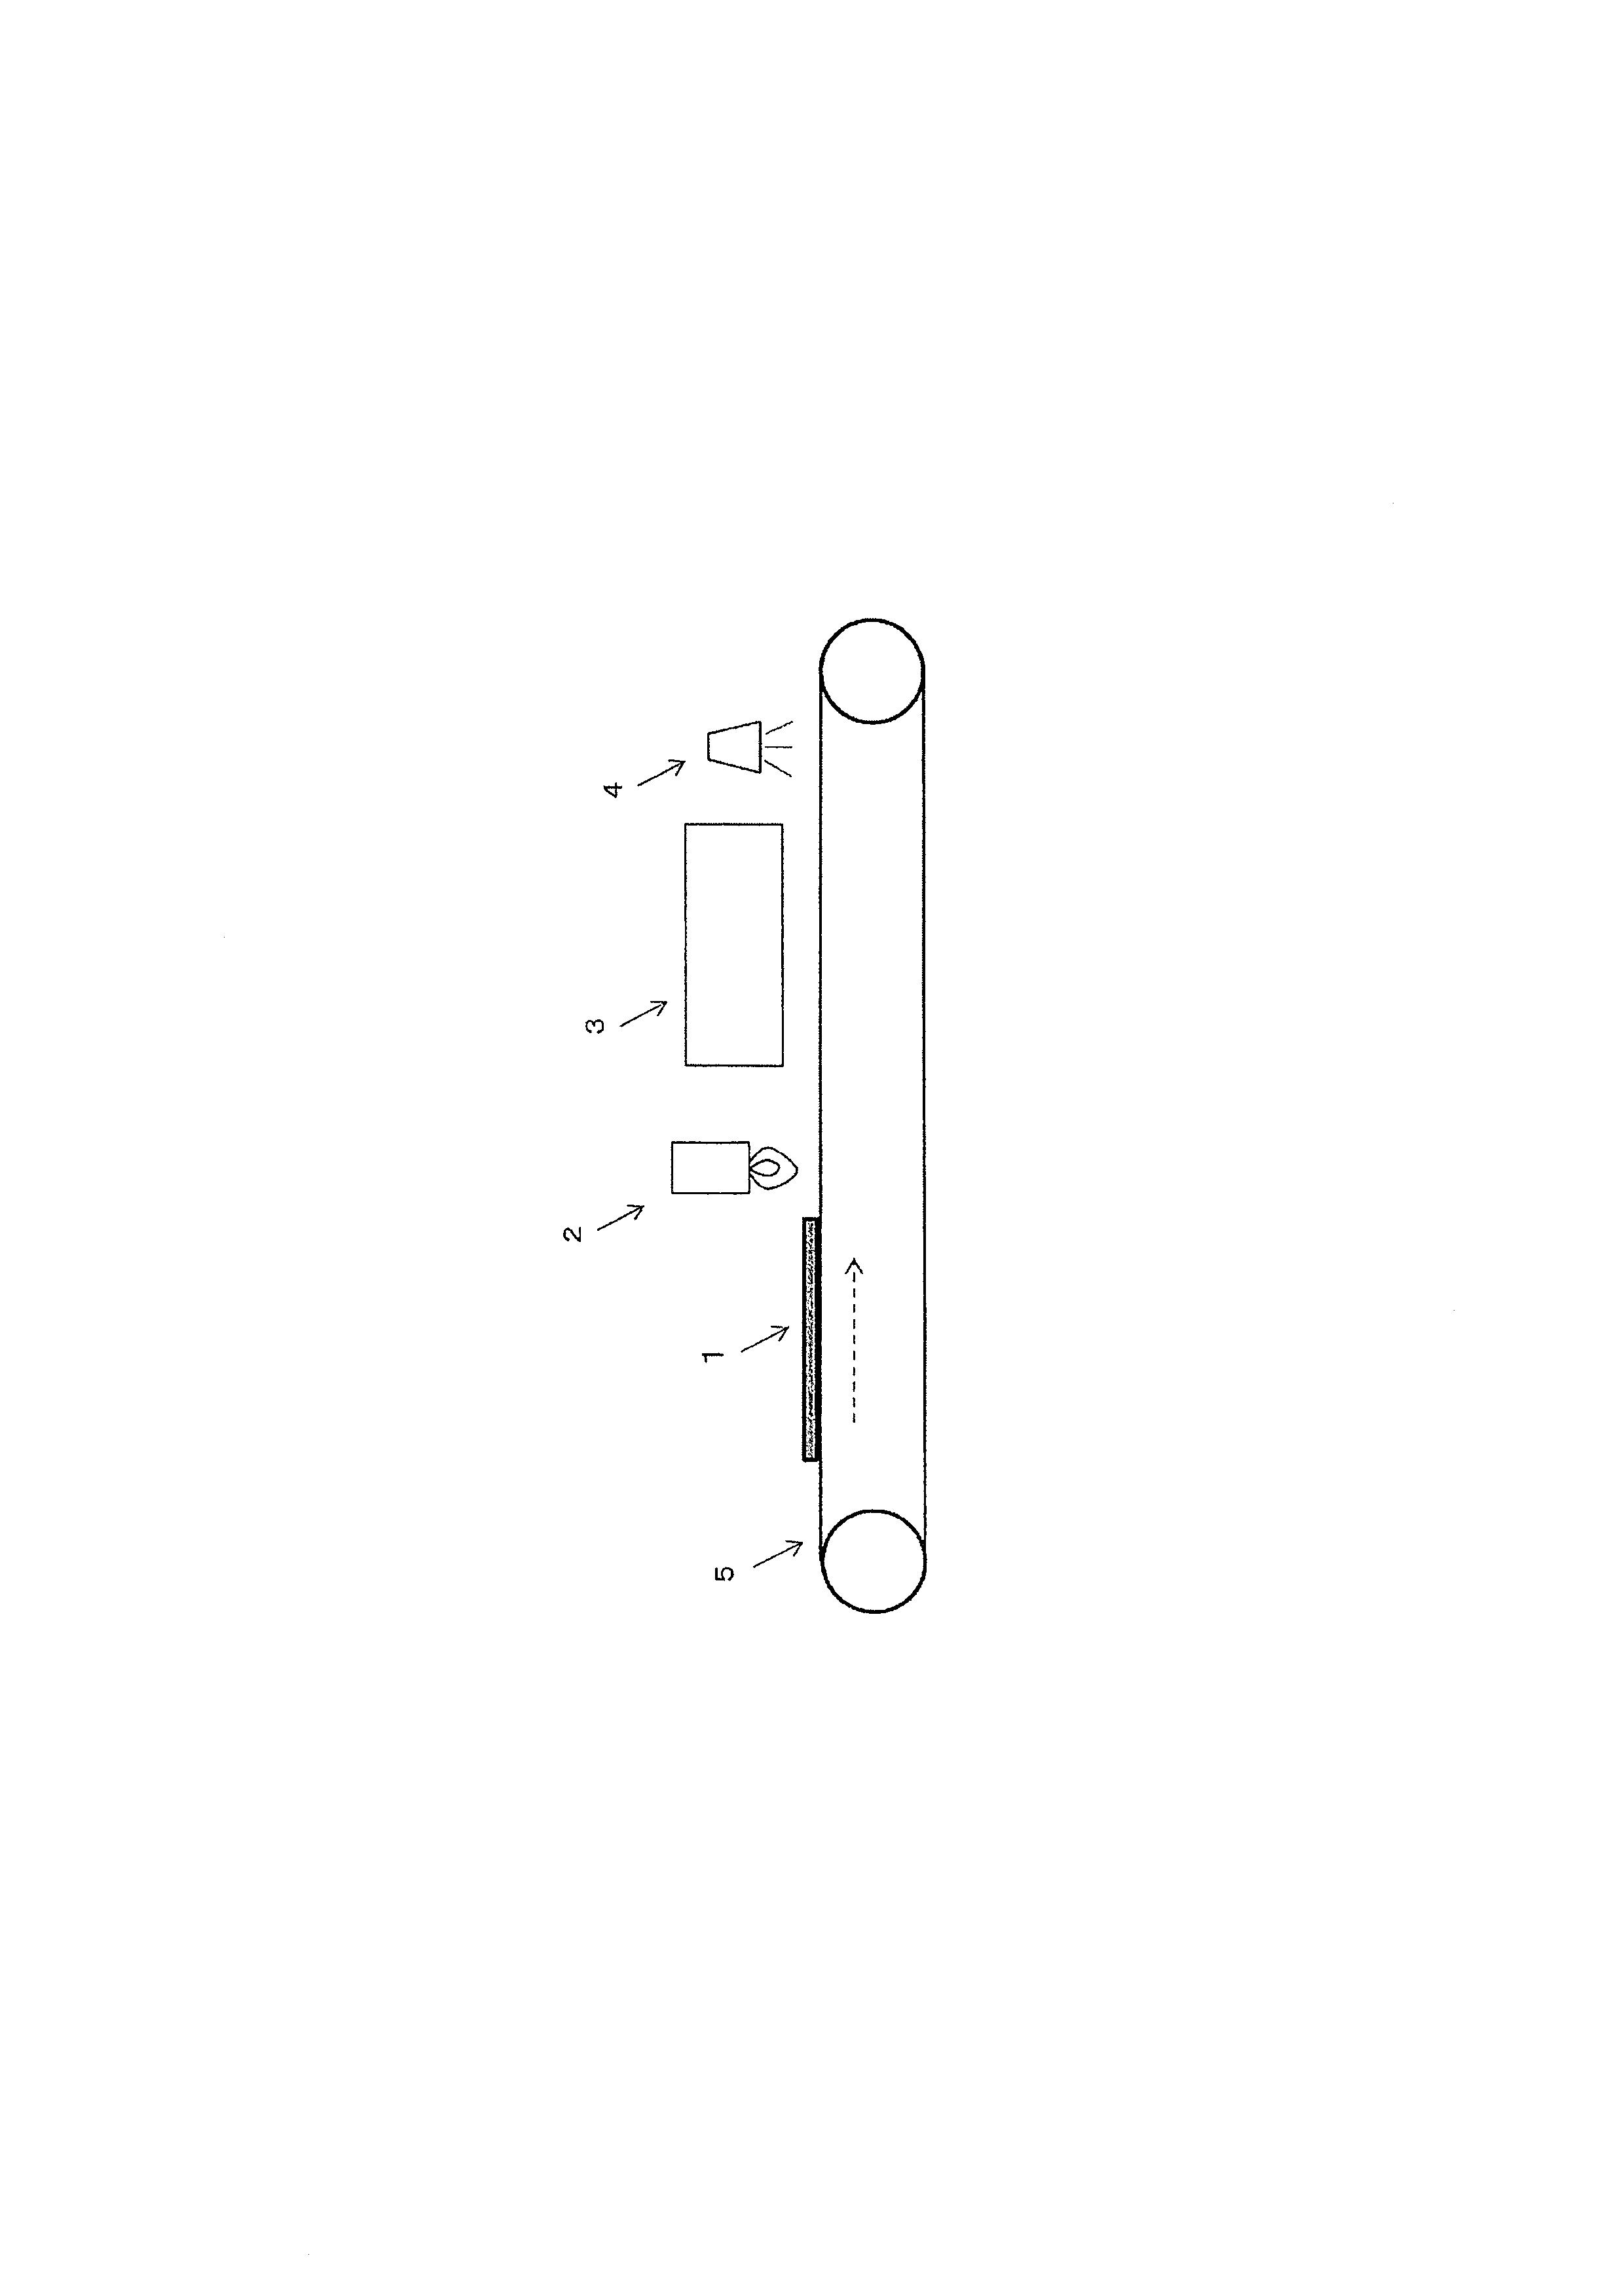 Способ предварительной обработки для нанесения покрытия или печати